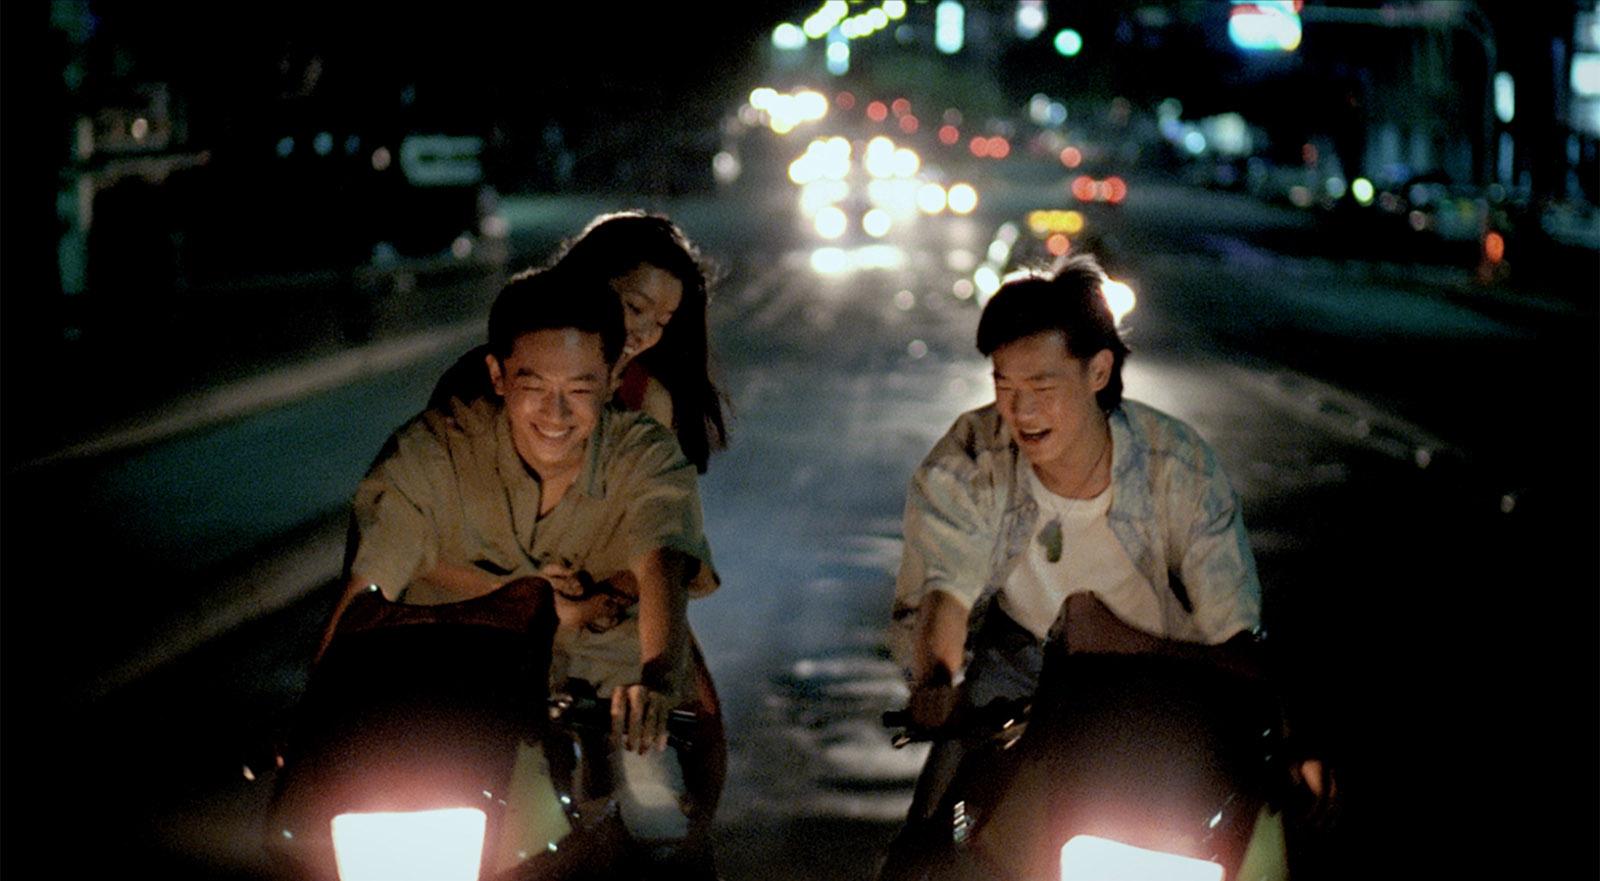 Chen Chao-jung, Jen Chang-bin, and Wang Yu-wen in Tsai Ming-liang's Rebels of the Neon God